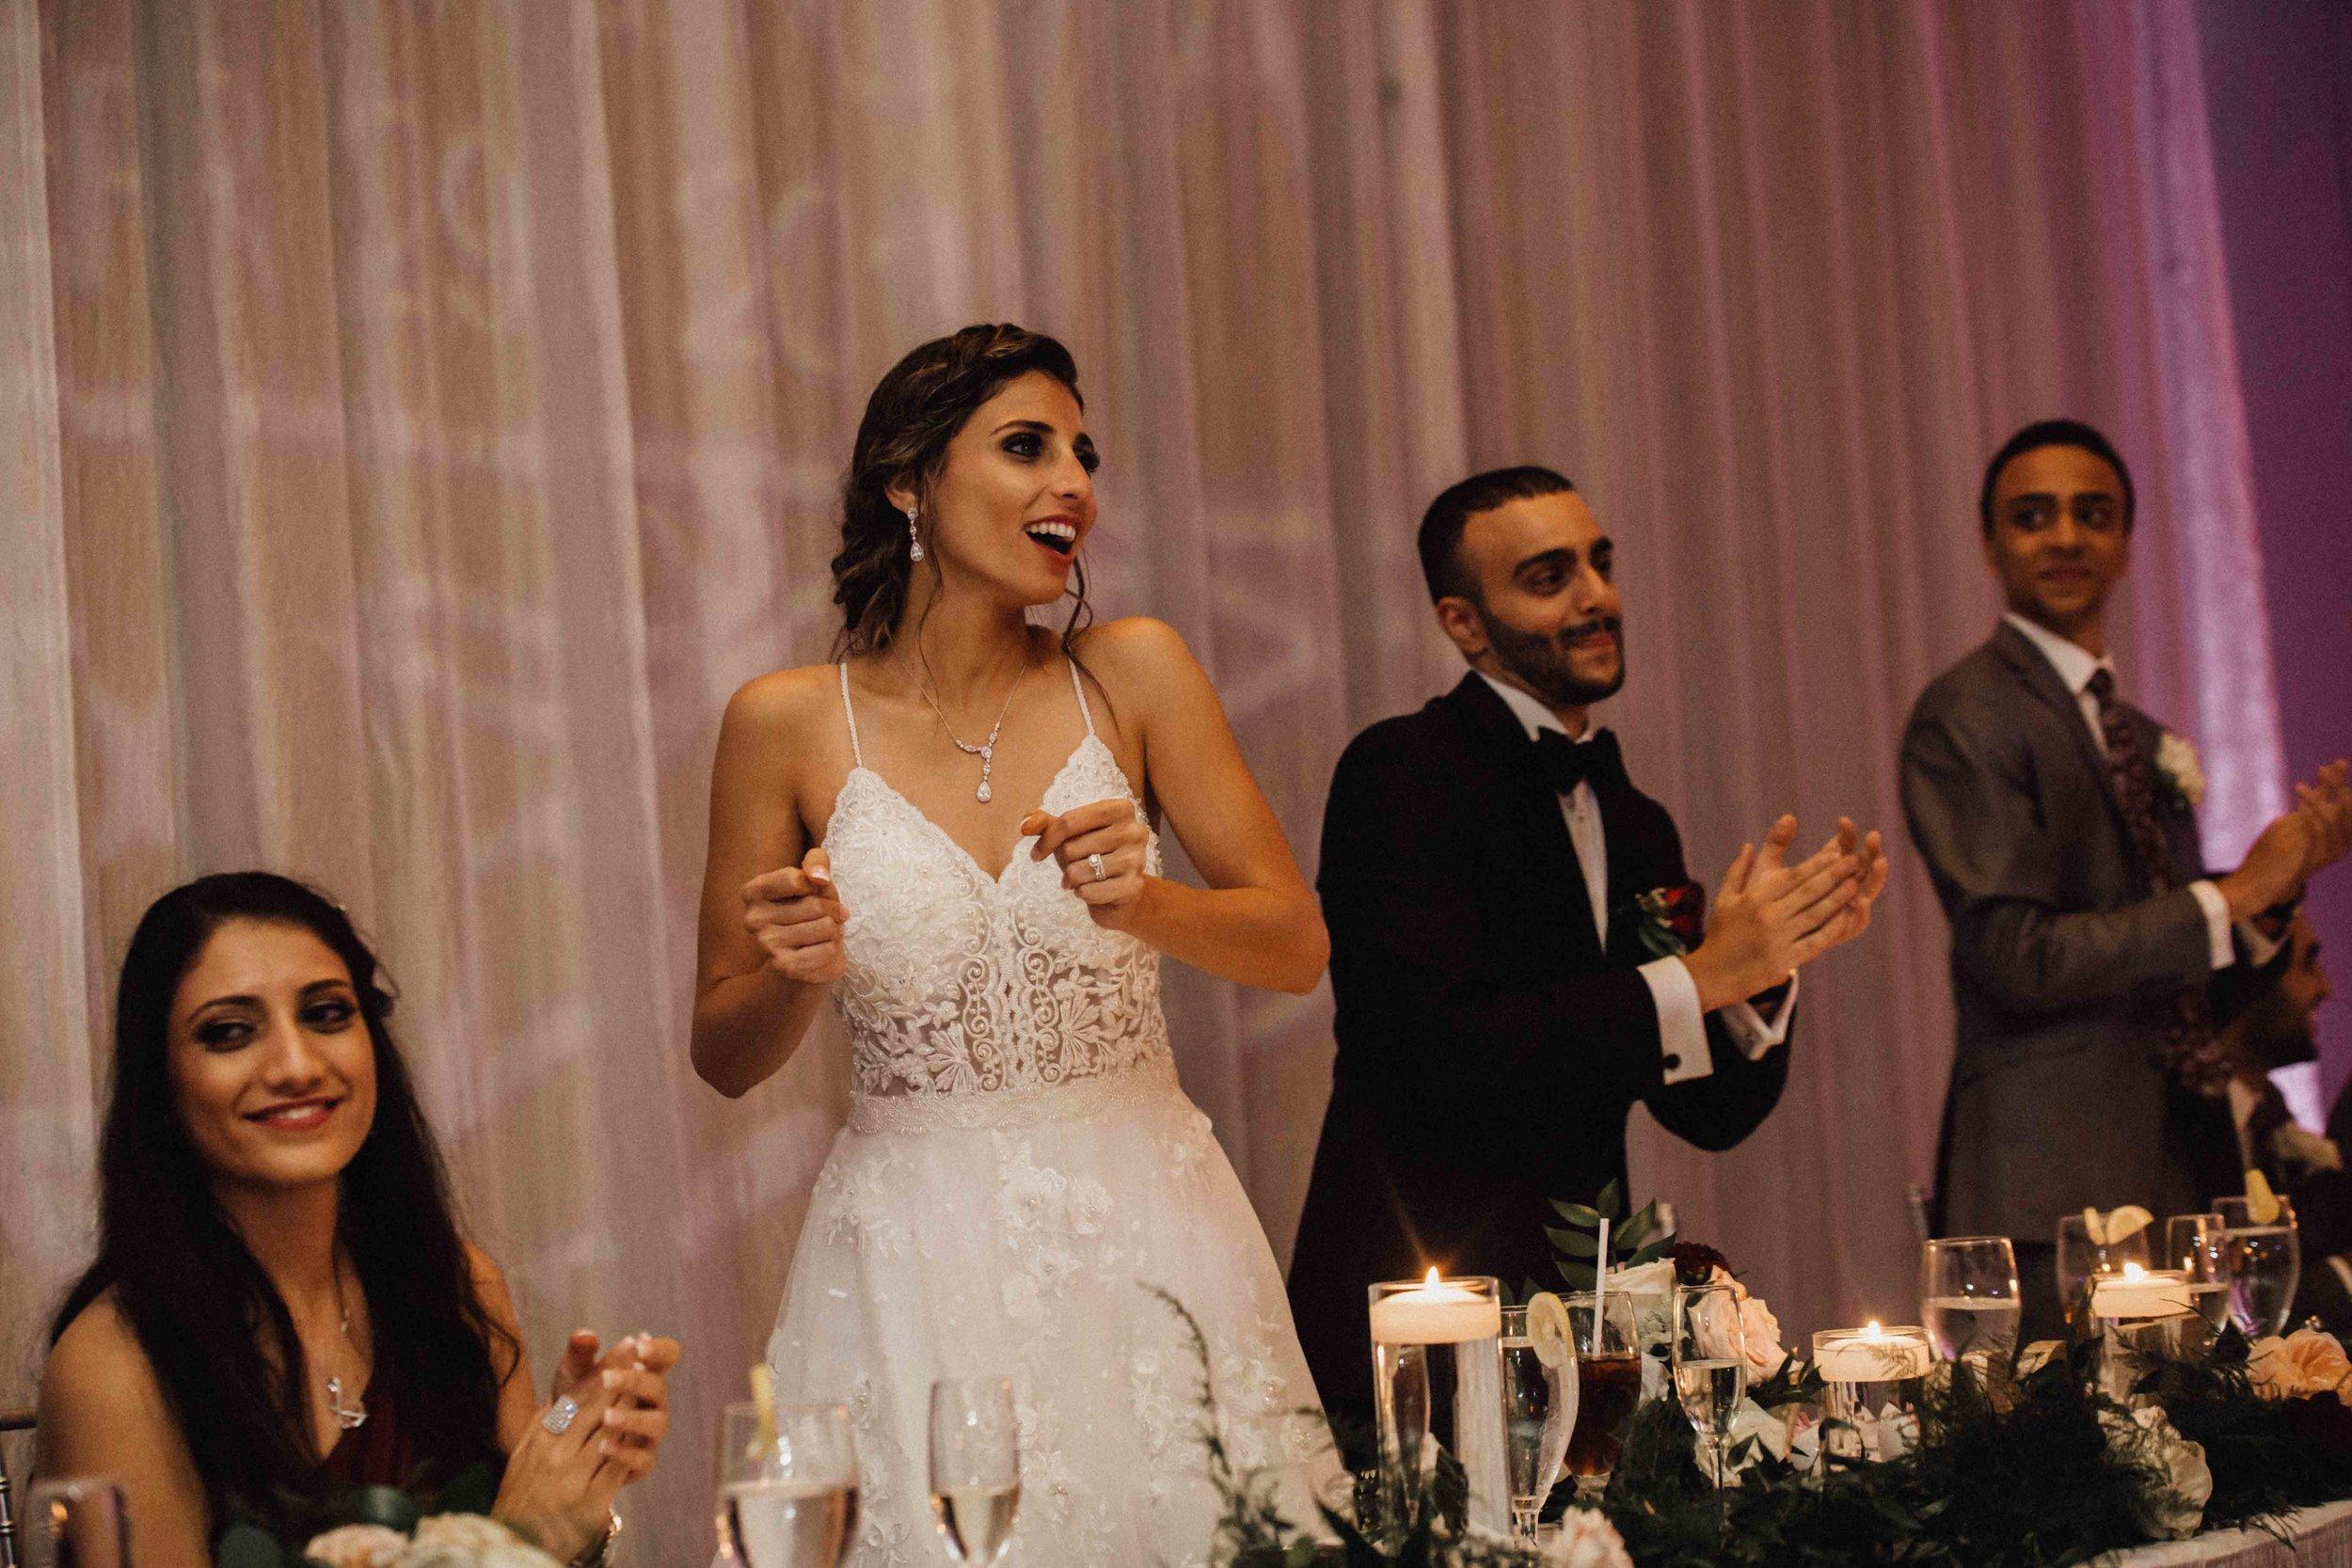 myrtle_beach_south_carolina_wedding_greek_orthodox105.jpg